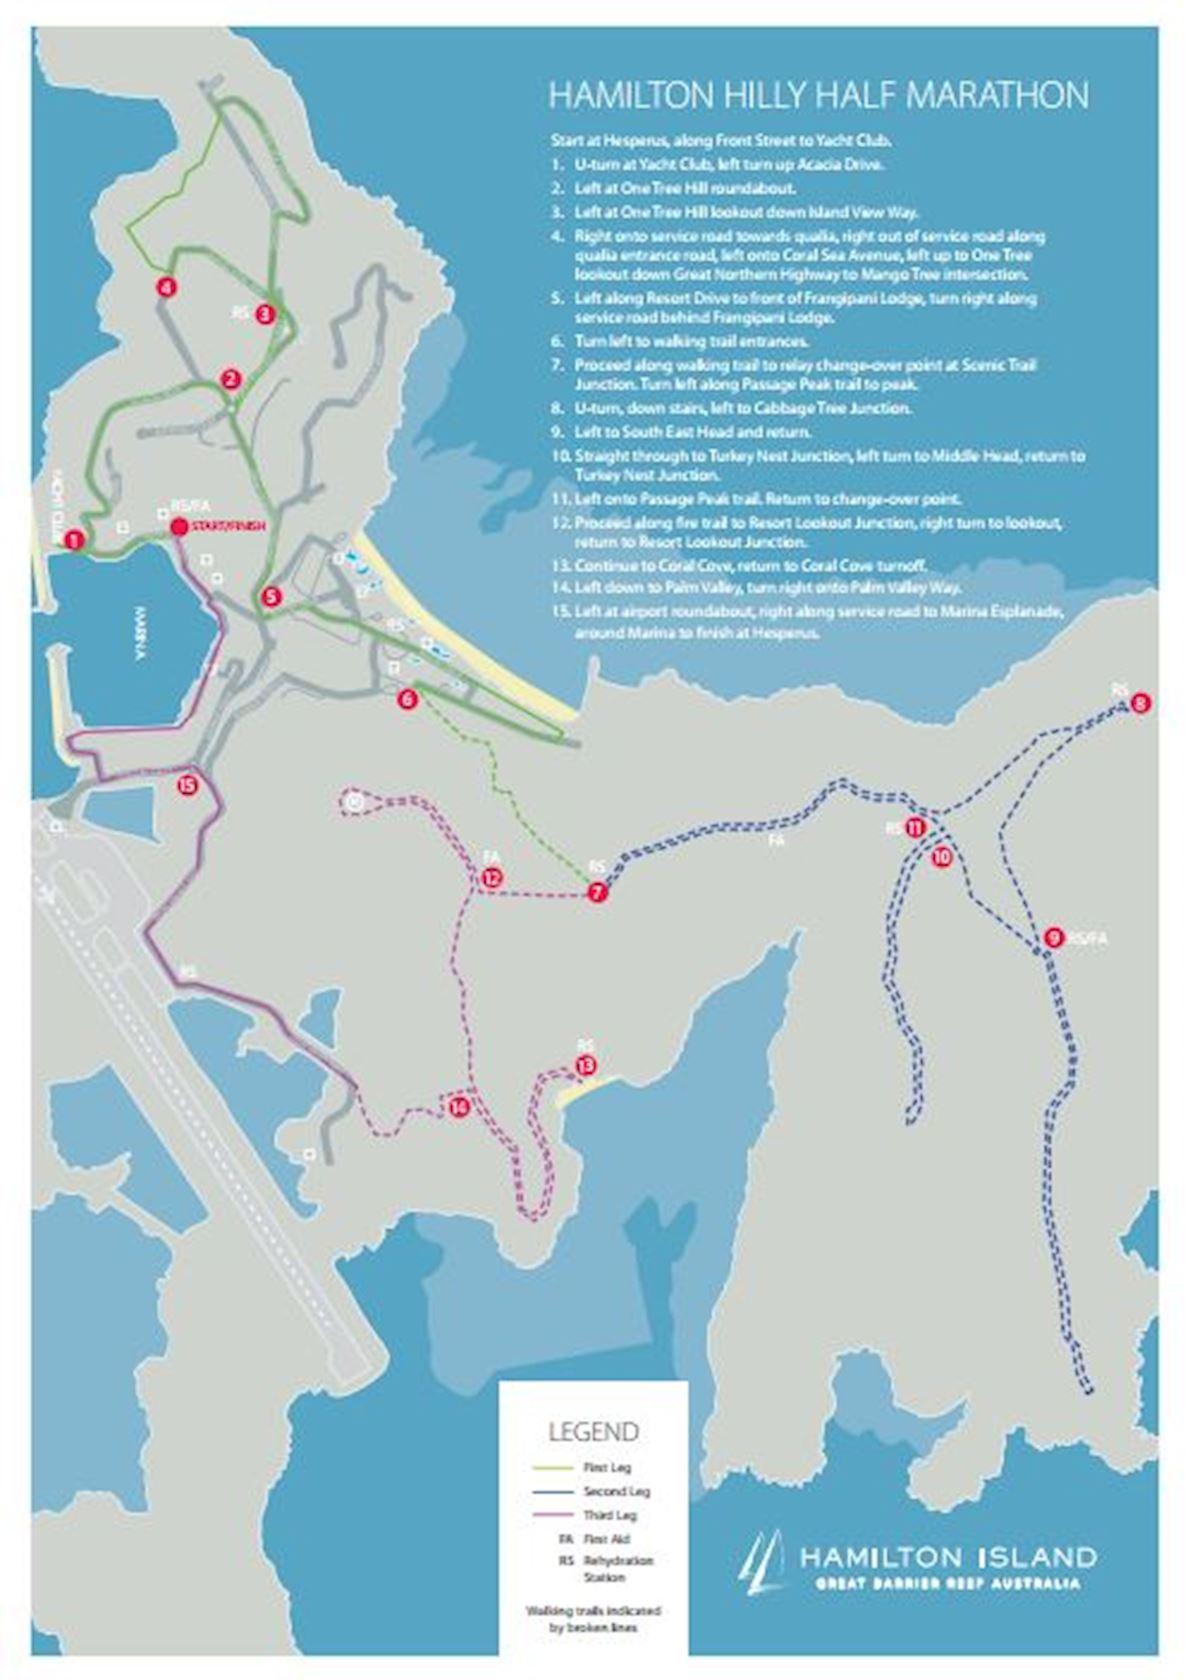 Hamilton Island Hilly Half Marathon MAPA DEL RECORRIDO DE